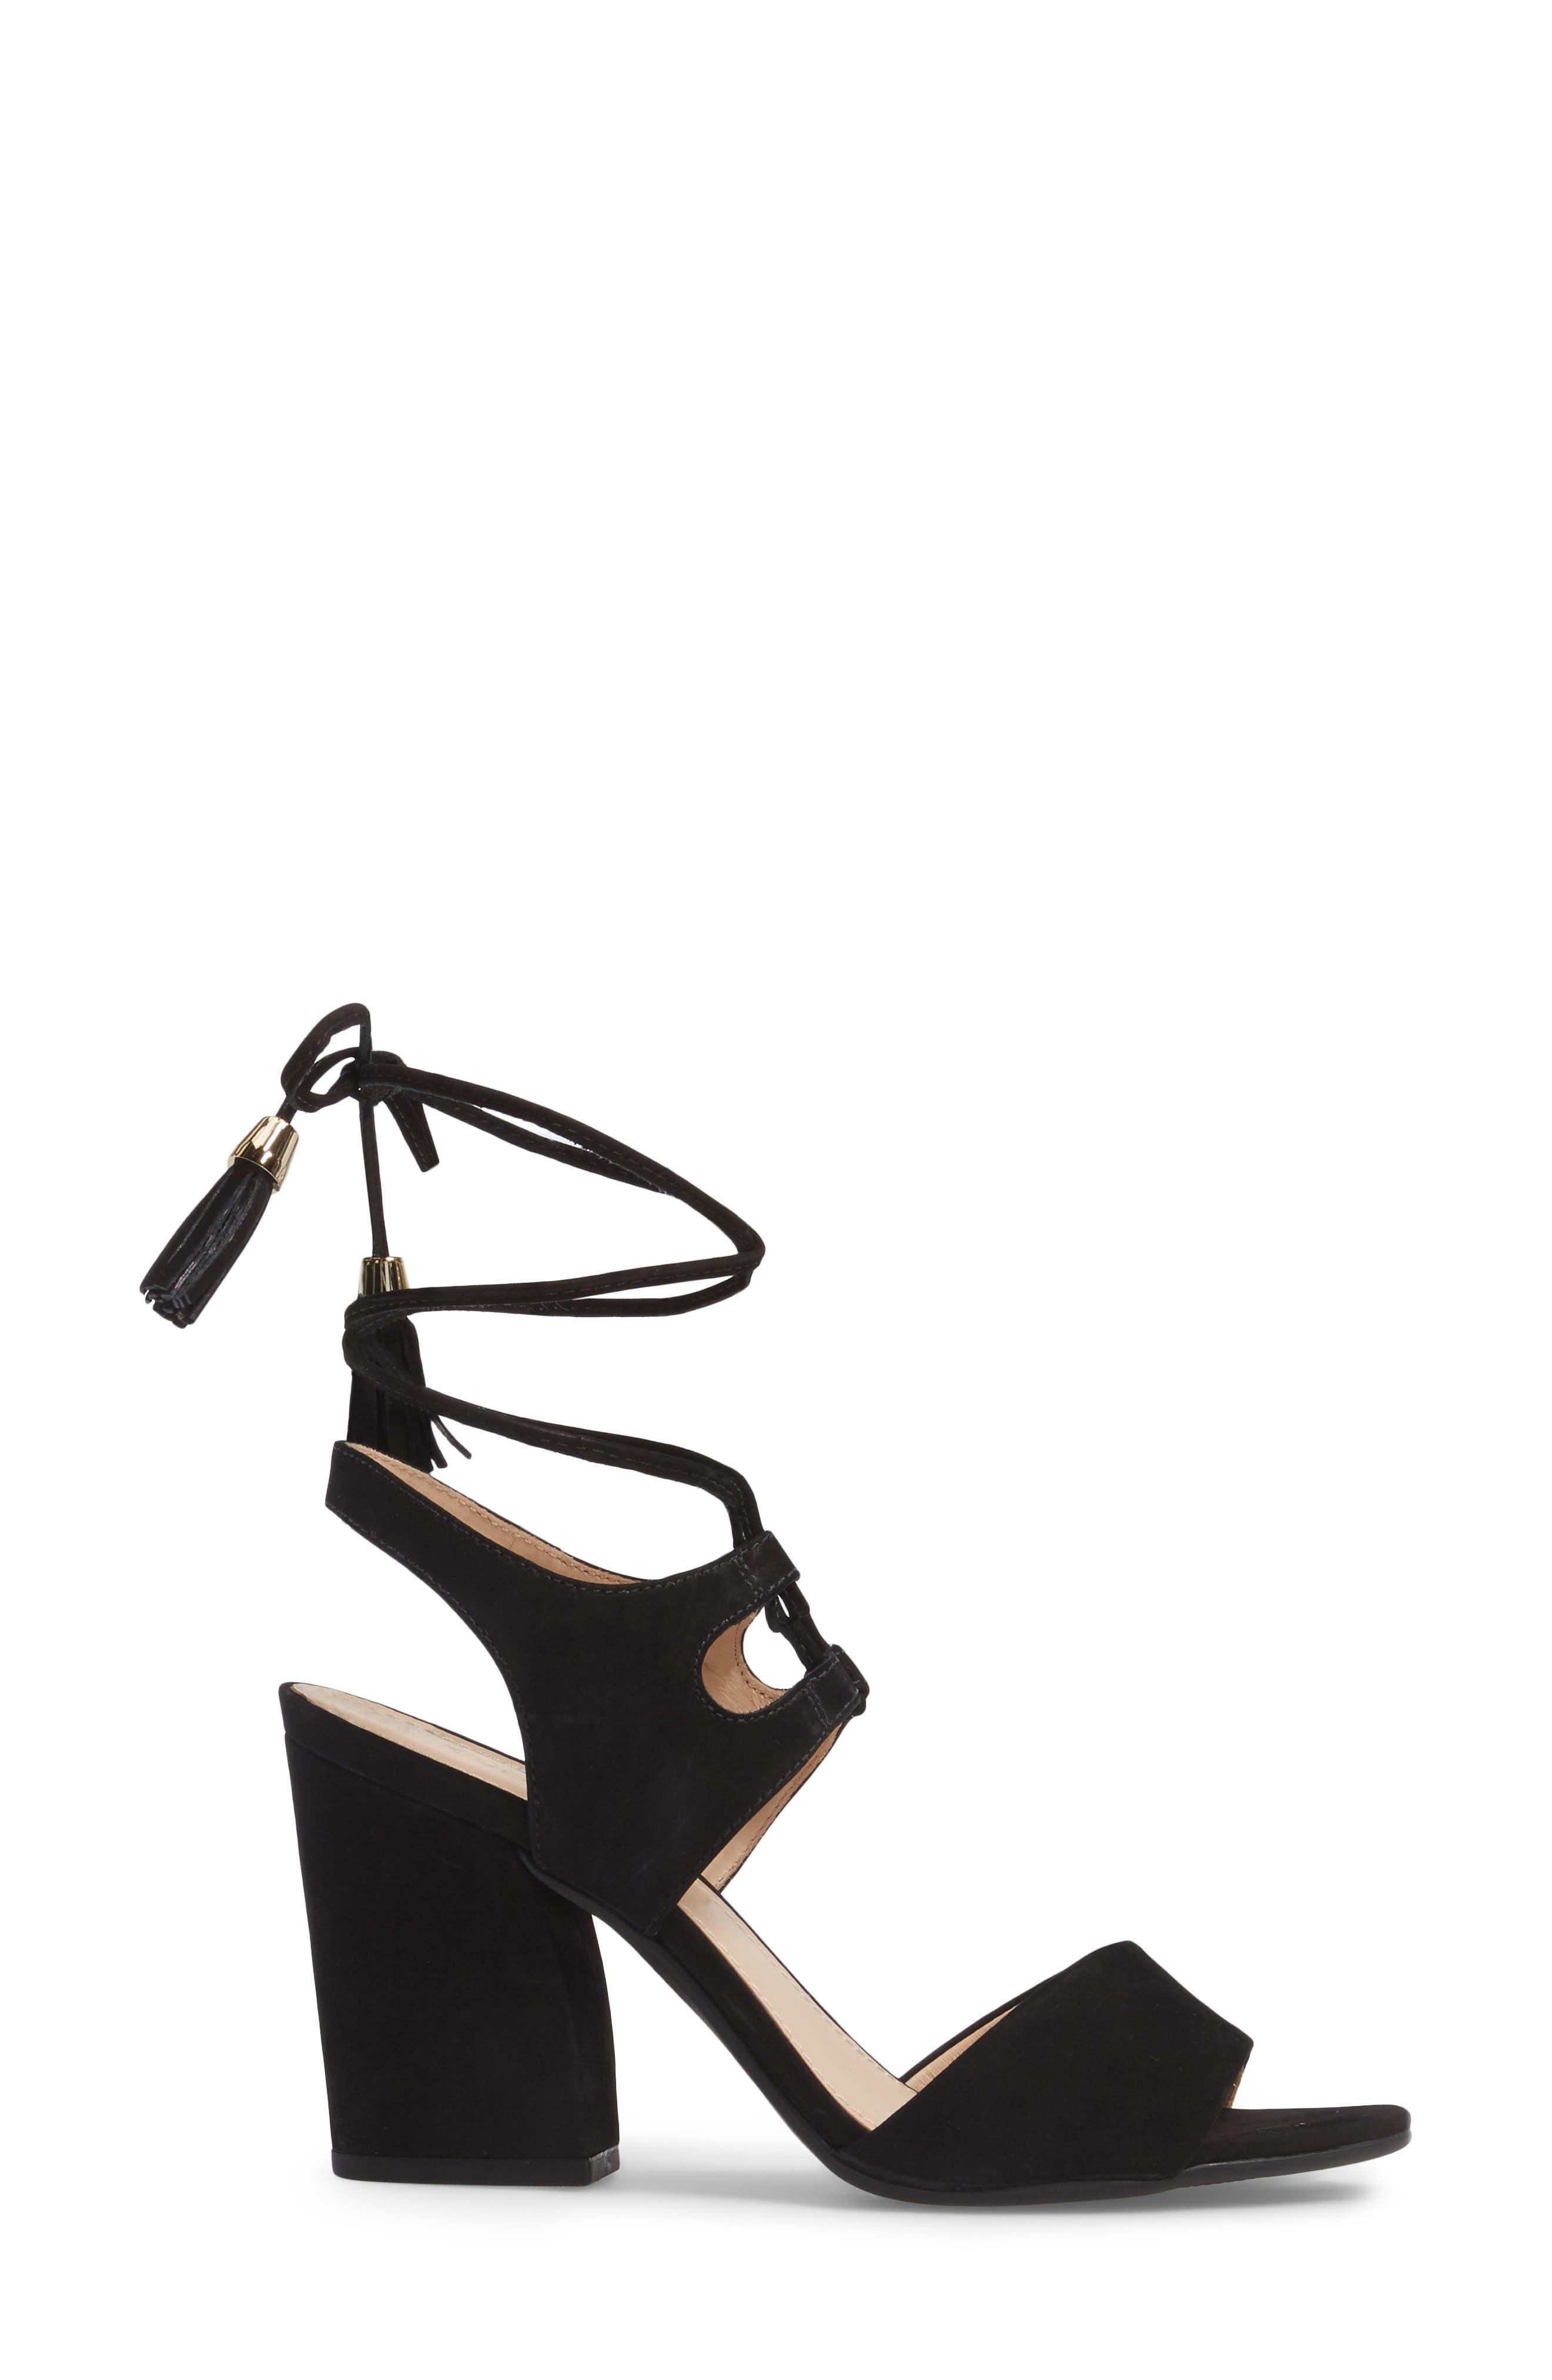 Kaira Ankle Wrap Sandal,                             Alternate thumbnail 3, color,                             Black Nubuck Leather